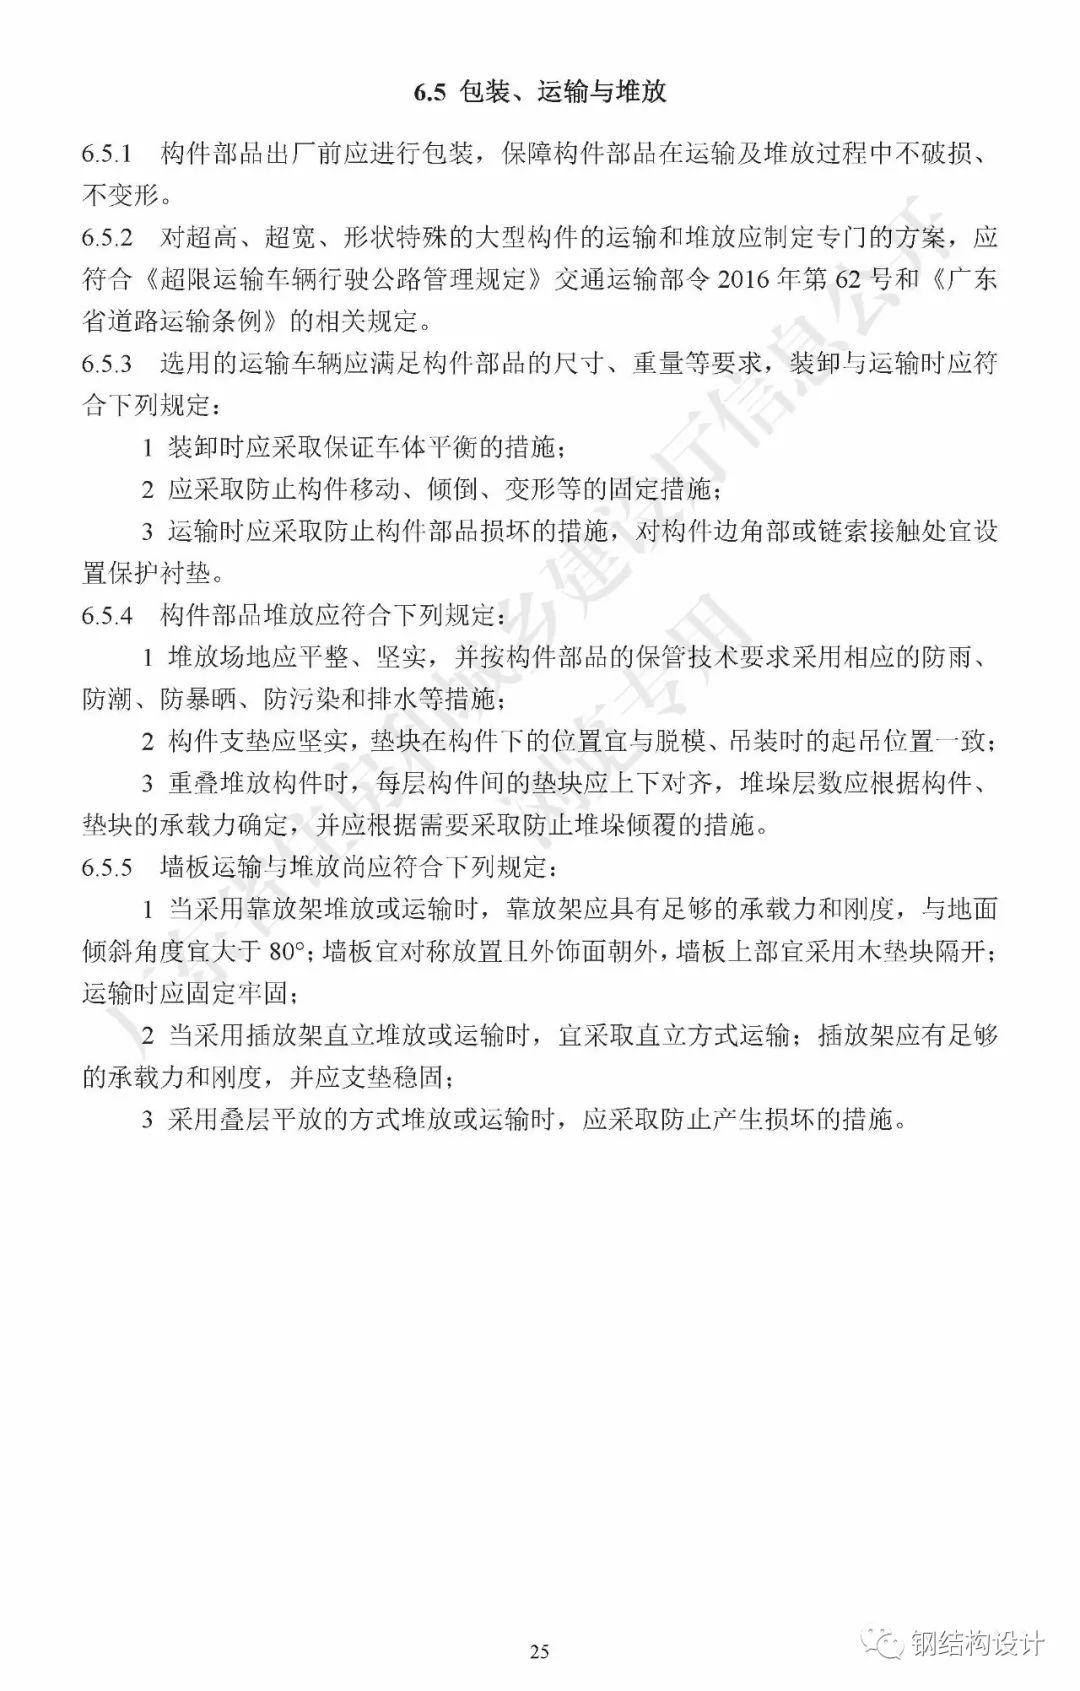 广东省《装配式钢结构建筑技术规程》发布_35